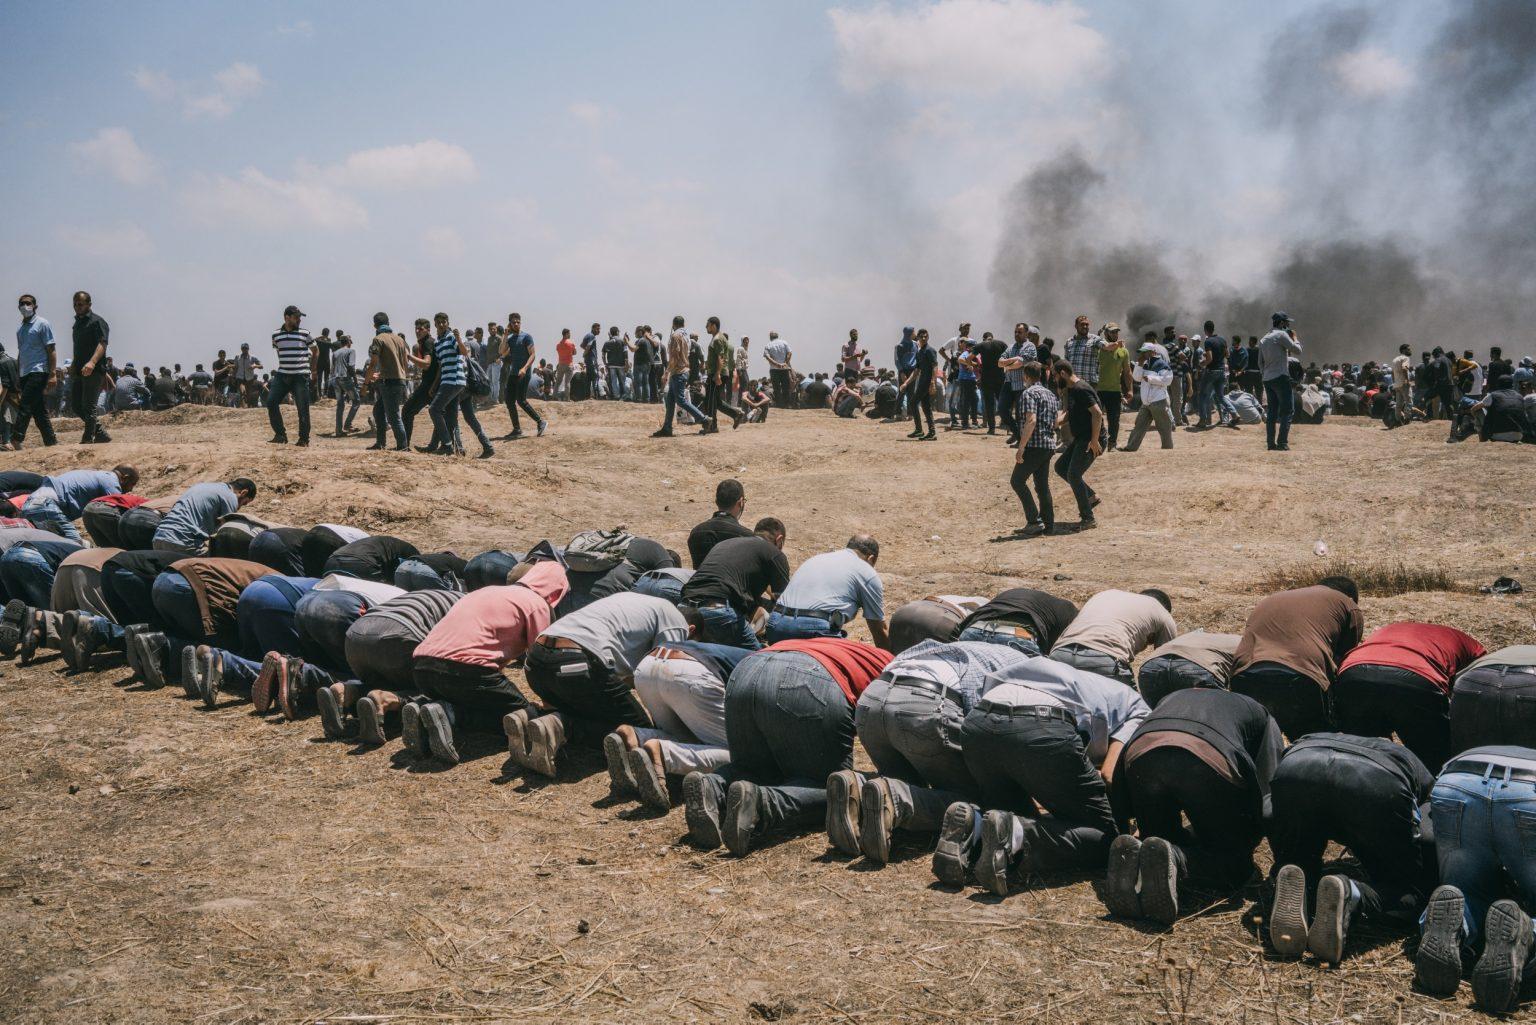 Gaza Strip, May 2018 - Palestinian men pray during the protest along the Gaza-Israel border. >< Striscia di Gaza, maggio 2018 - Palestinesi pregano durante le proteste lungo il confine tra Gaza e Israele.